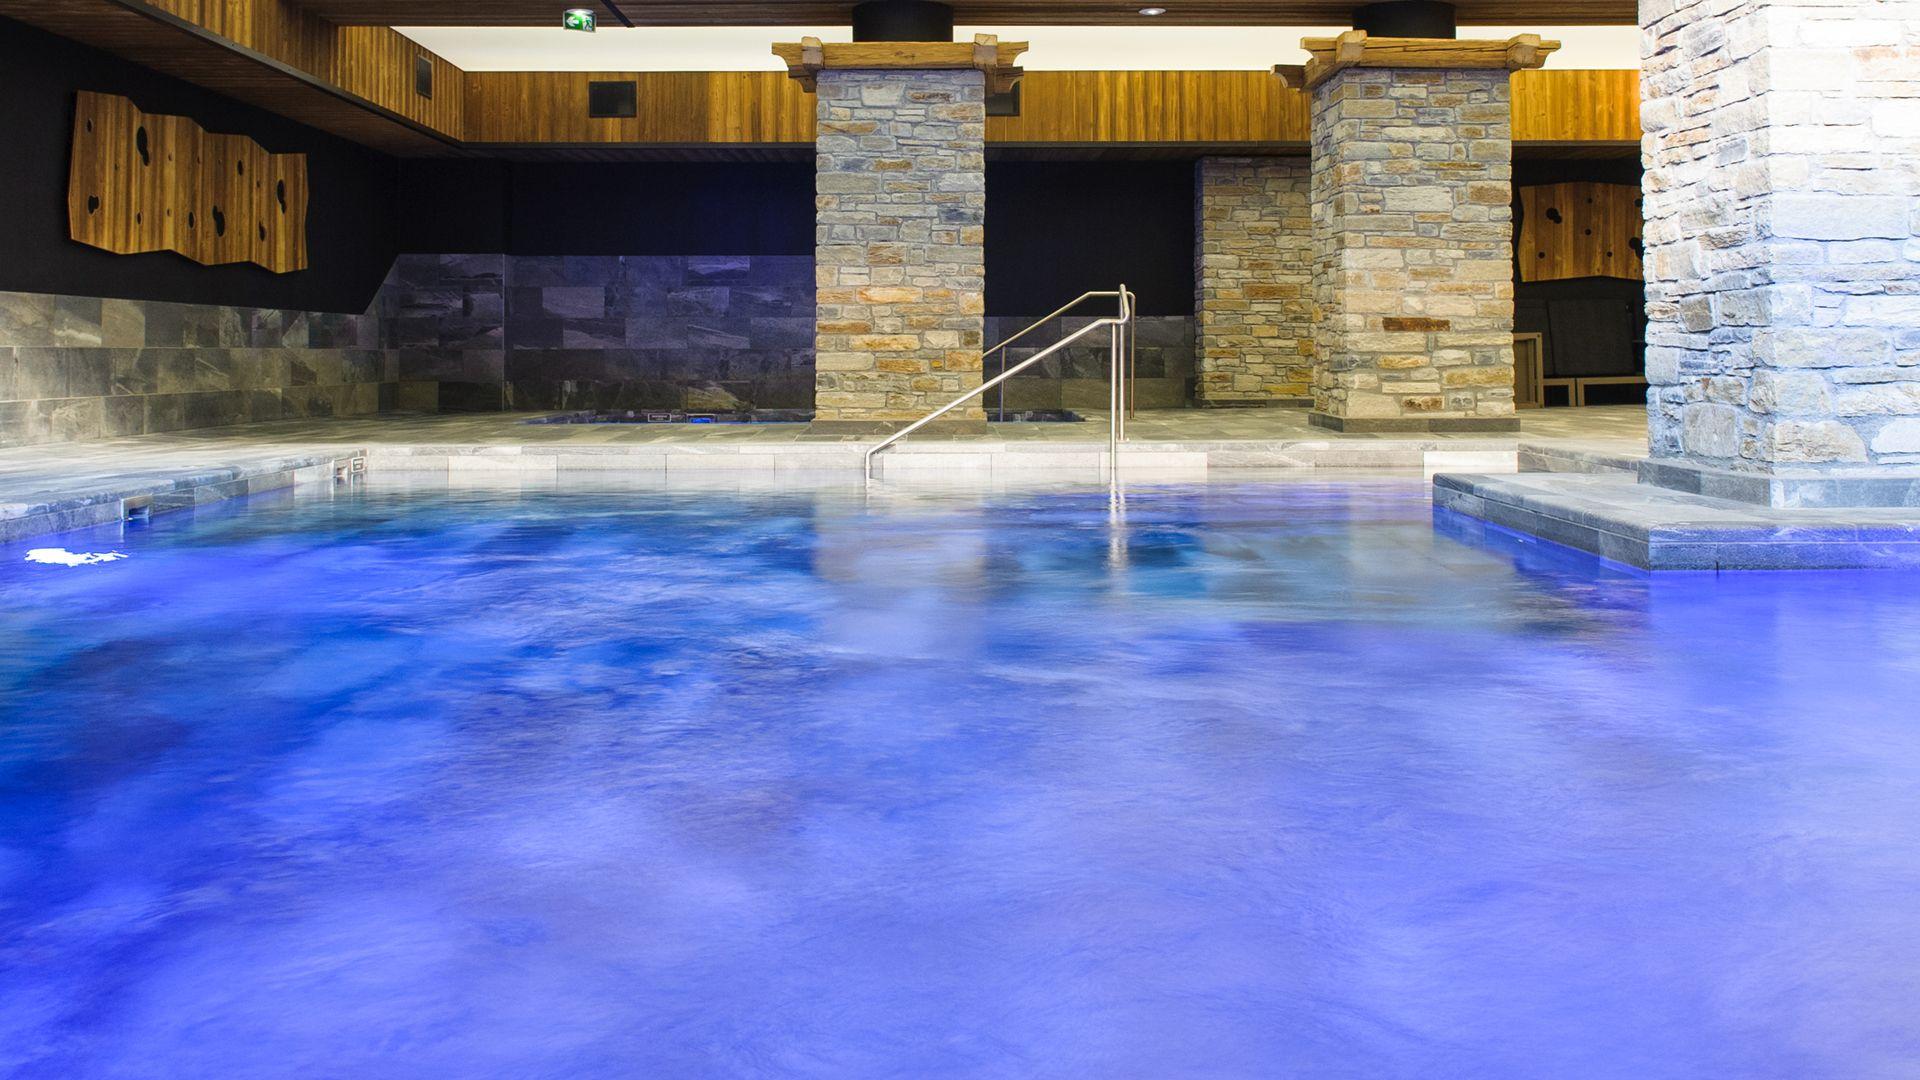 Étanchéité de la piscine et imperméabilisation